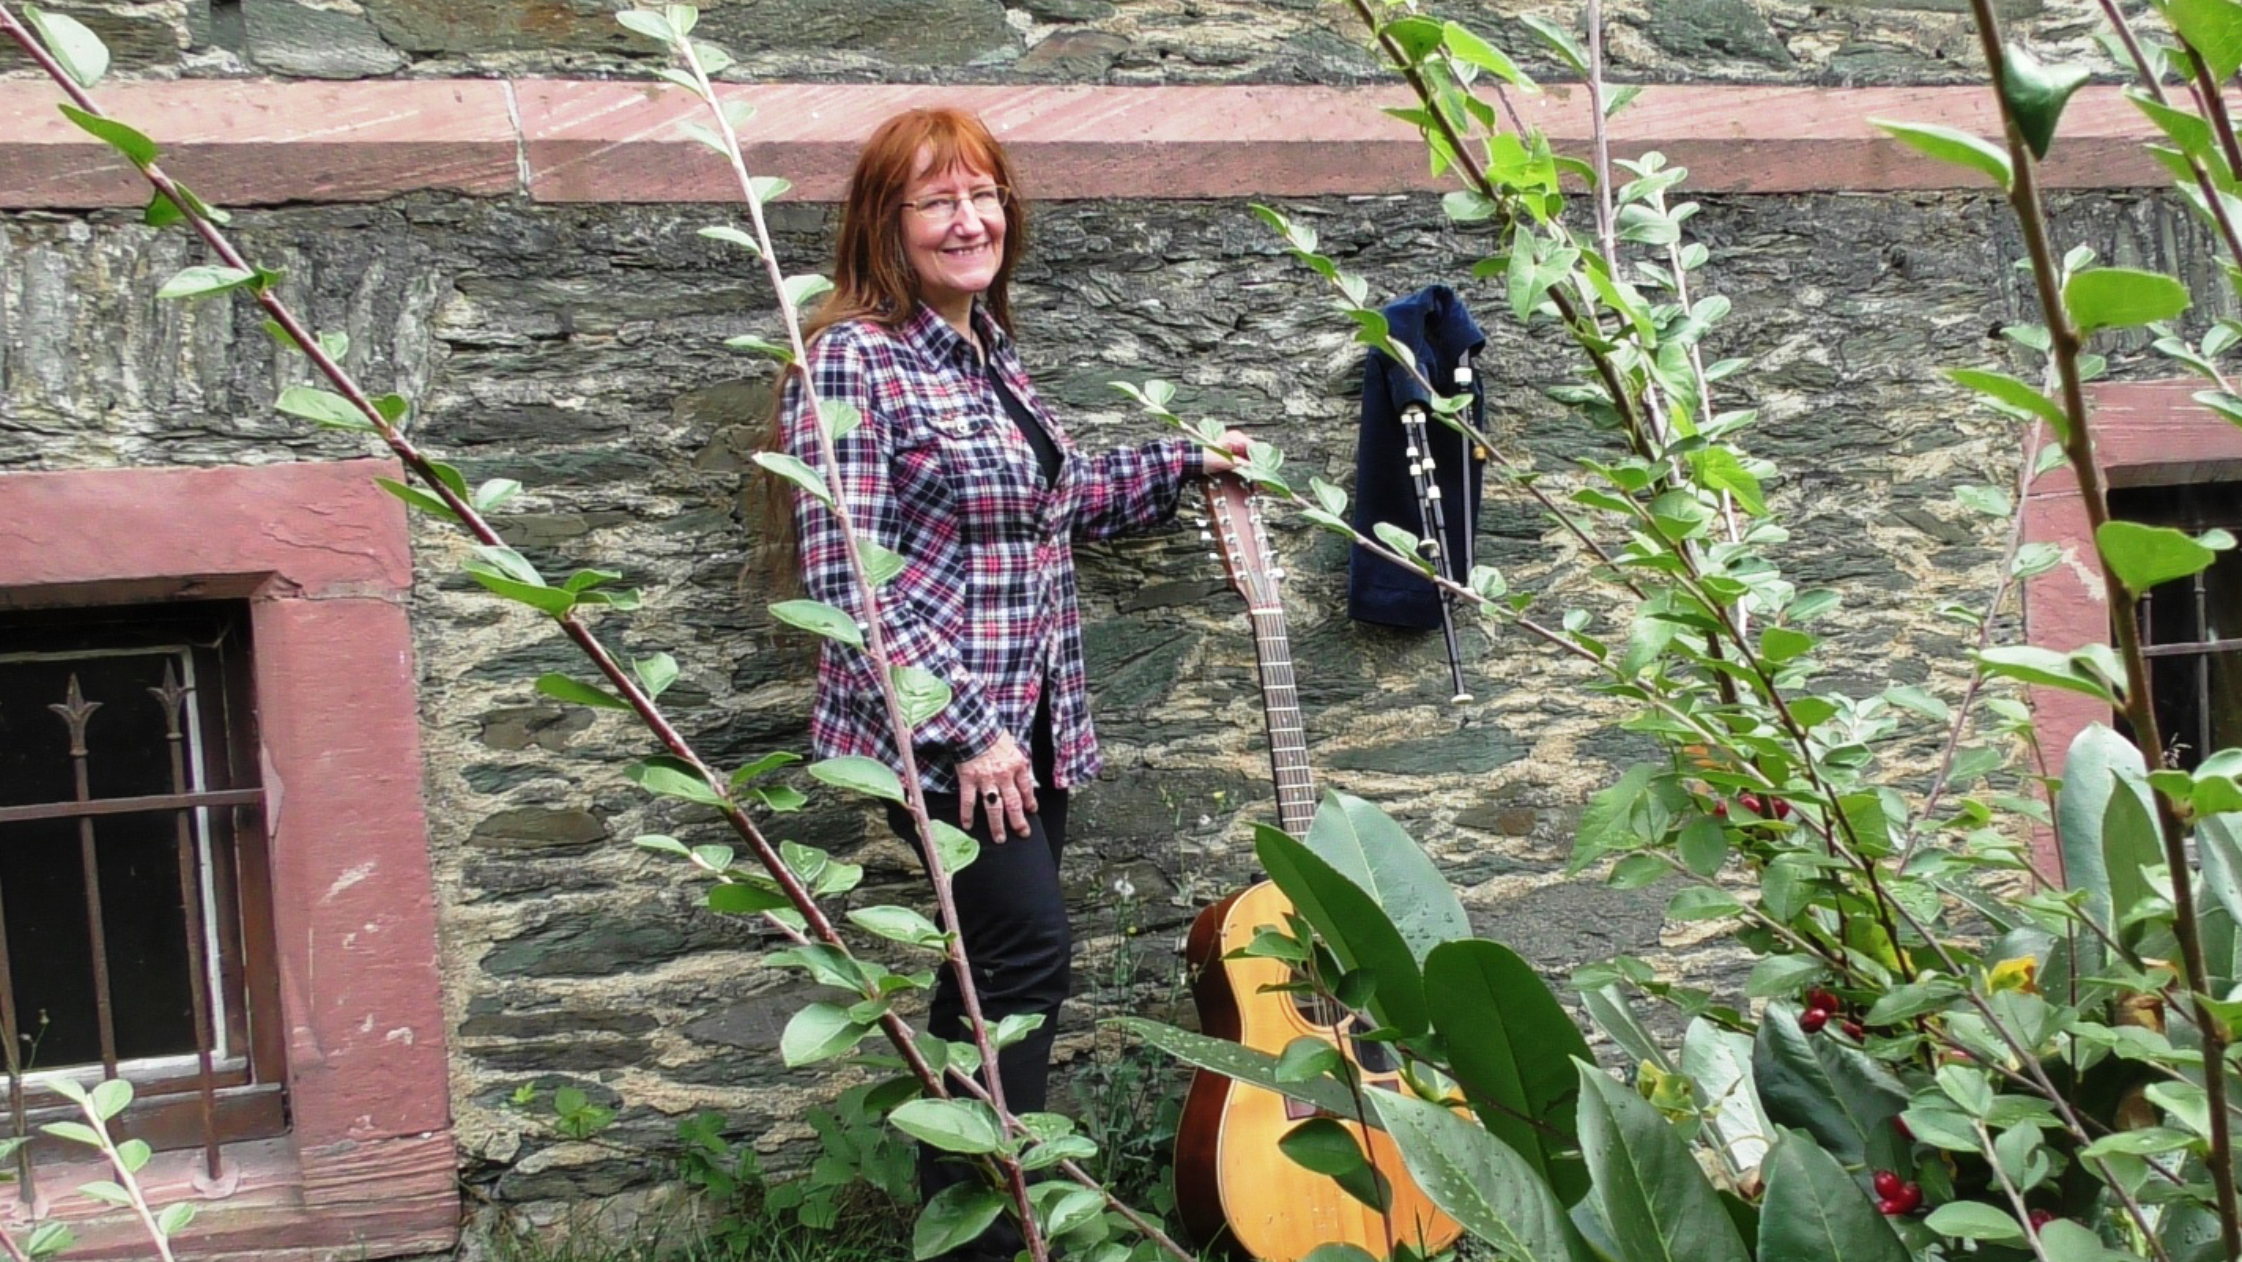 Cora Gladitz mit Instrumenten im Garten.